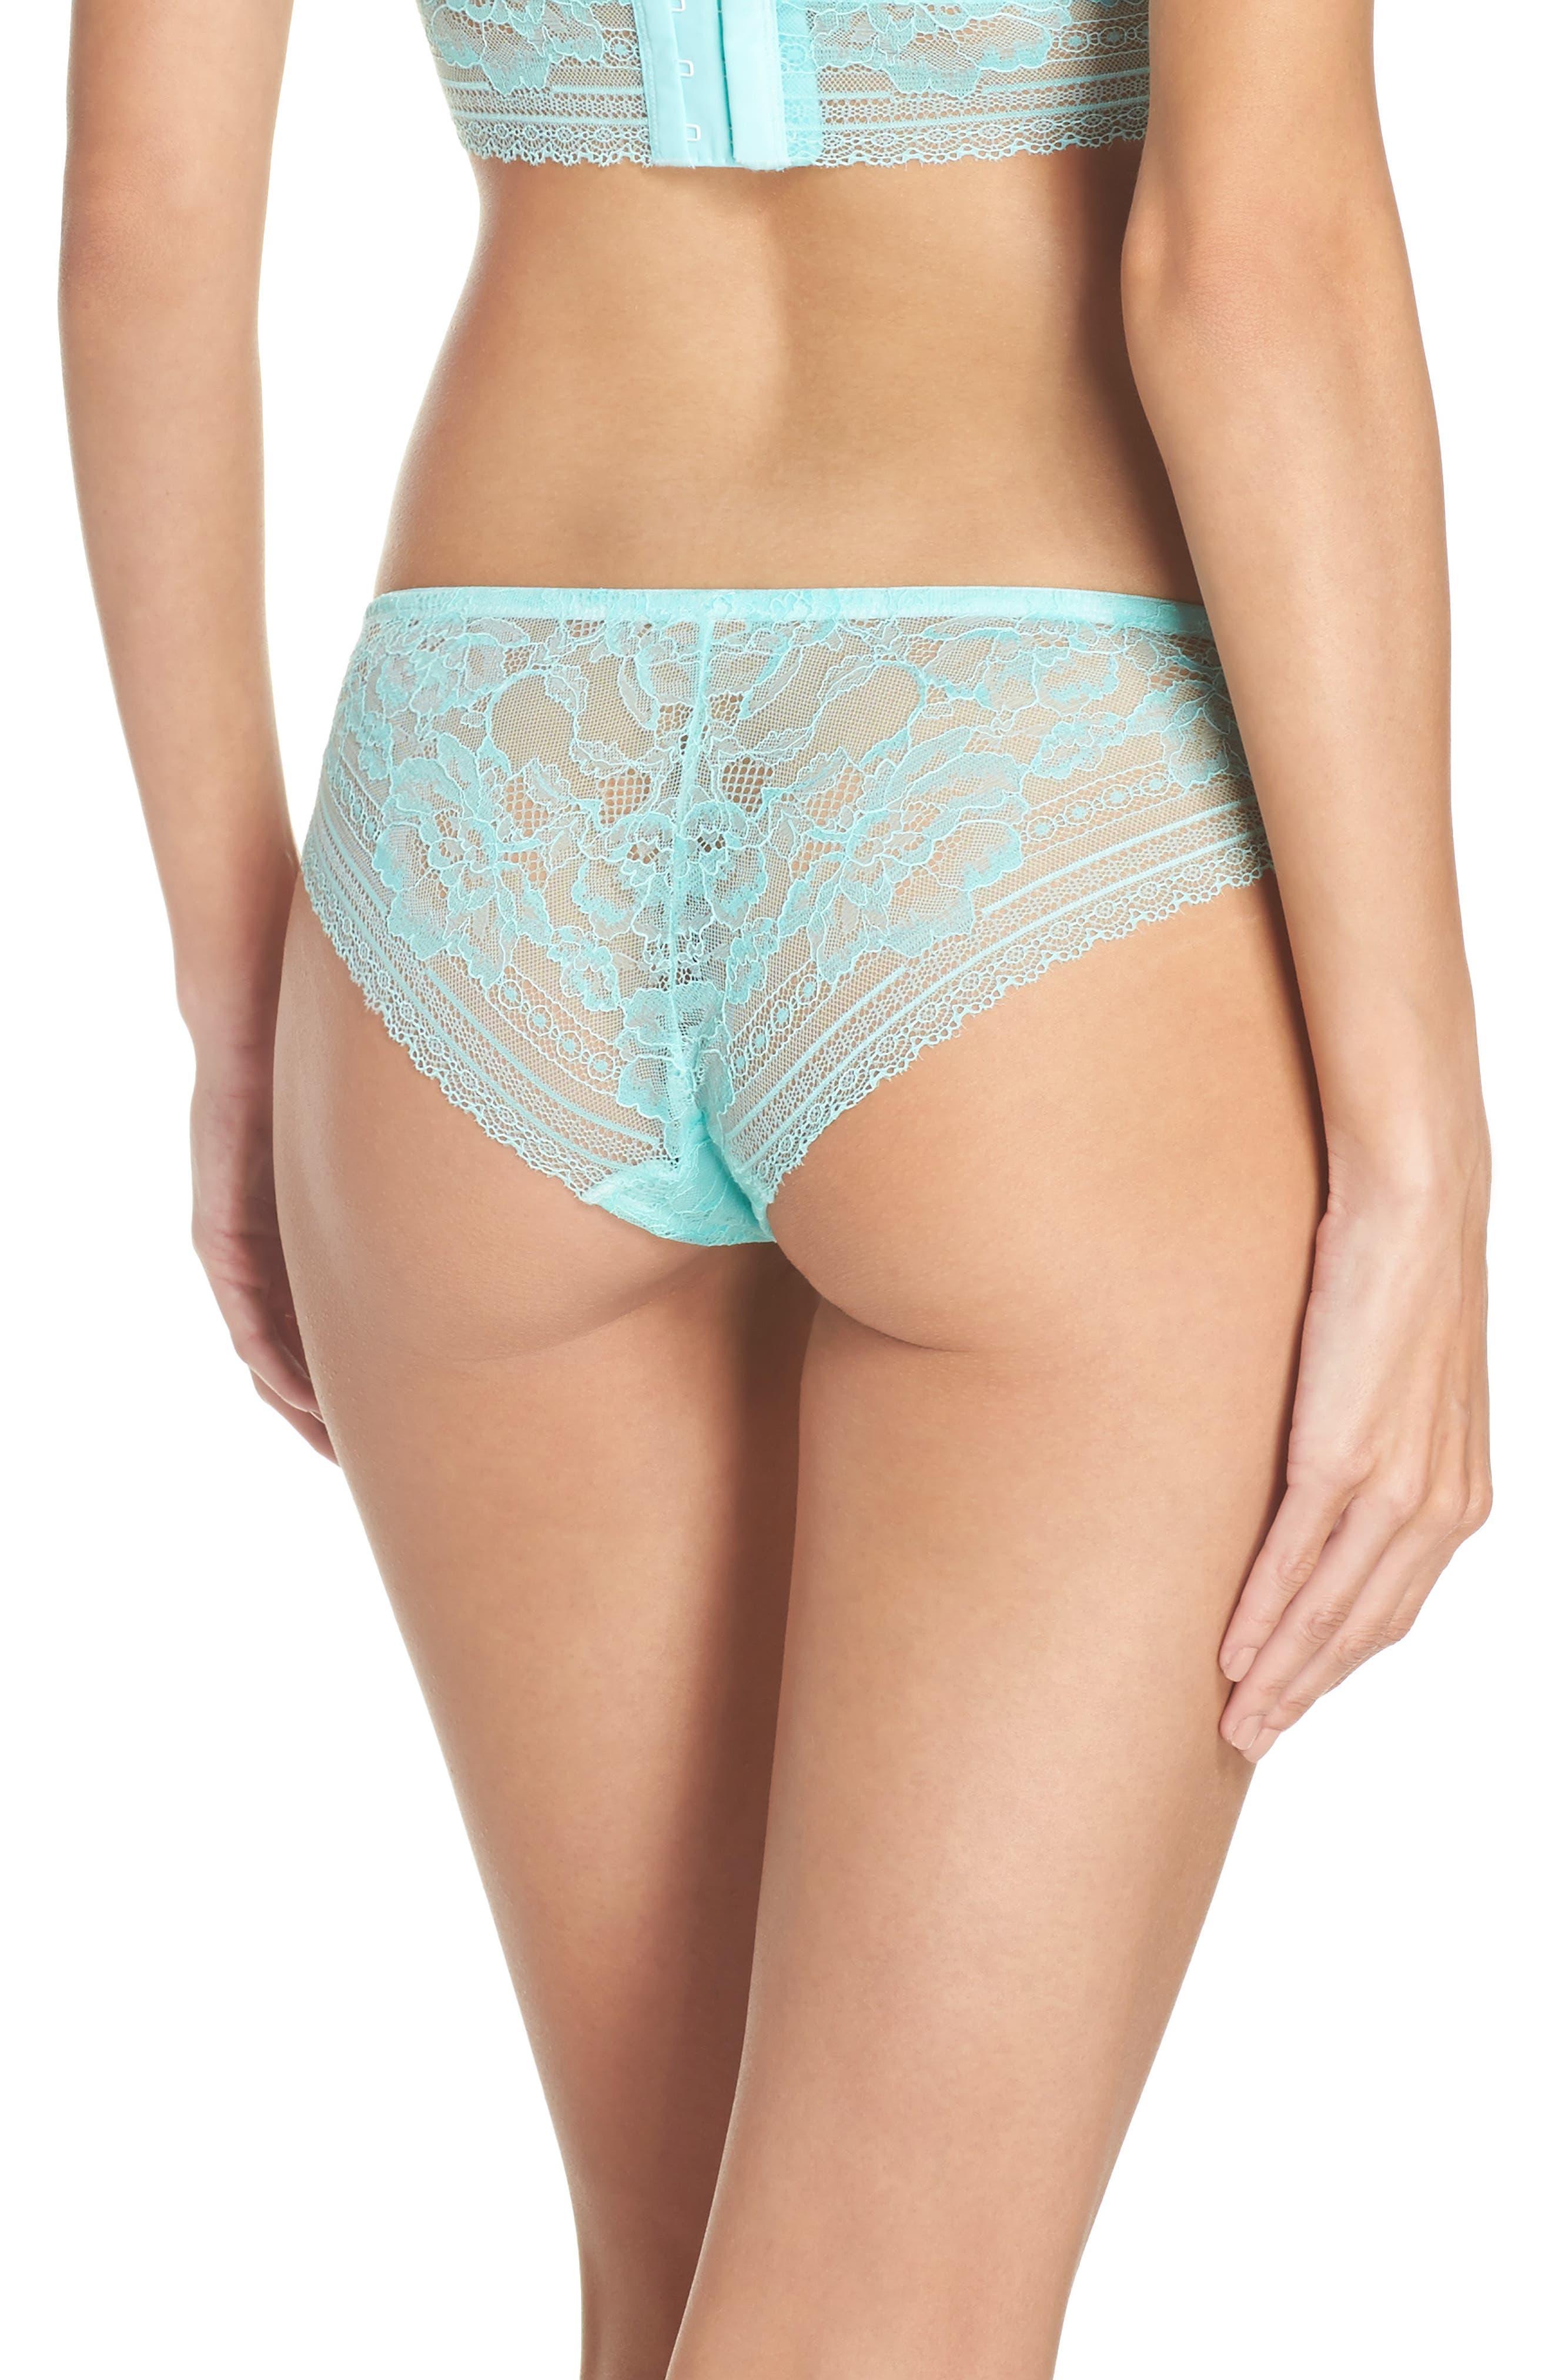 Intimately FP Sorento Lace Bikini,                             Alternate thumbnail 2, color,                             Mint